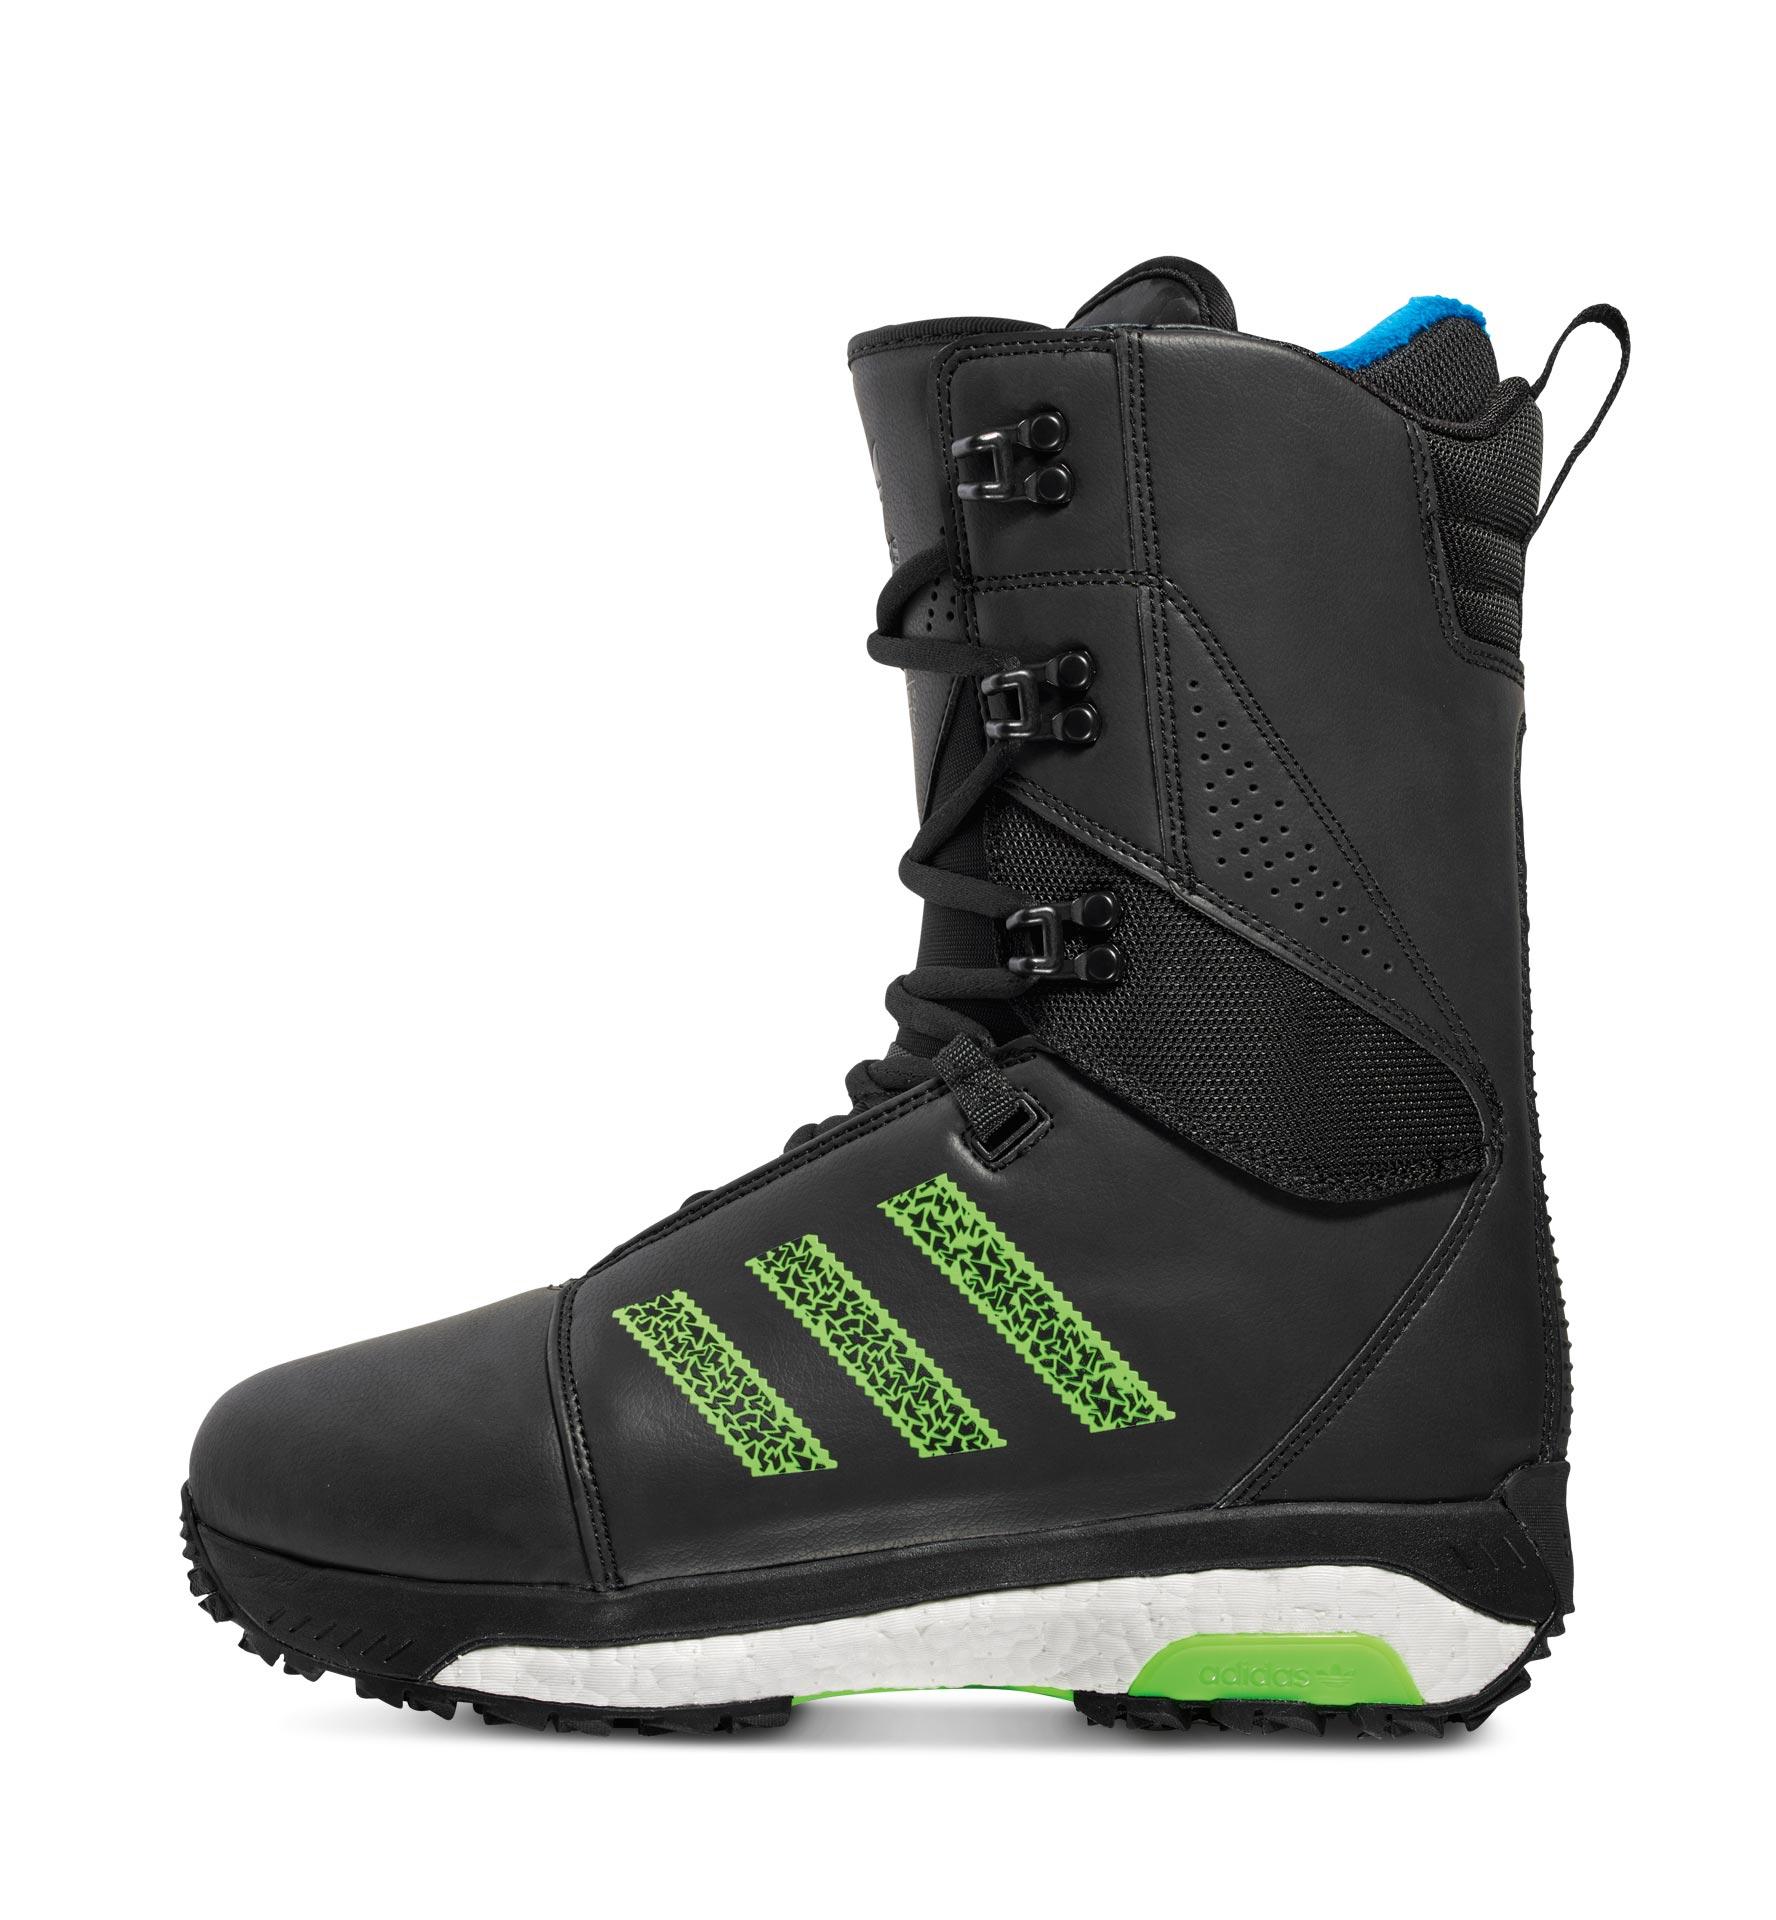 Präzise Passform: Der Innenschuh kann durch Erhitzen perfekt an den Fuß angepasst werden; das Power-Lacing-Schnürsystem erlaubt individuelle Fixierung der oberen und unteren Zone des Schuhs.